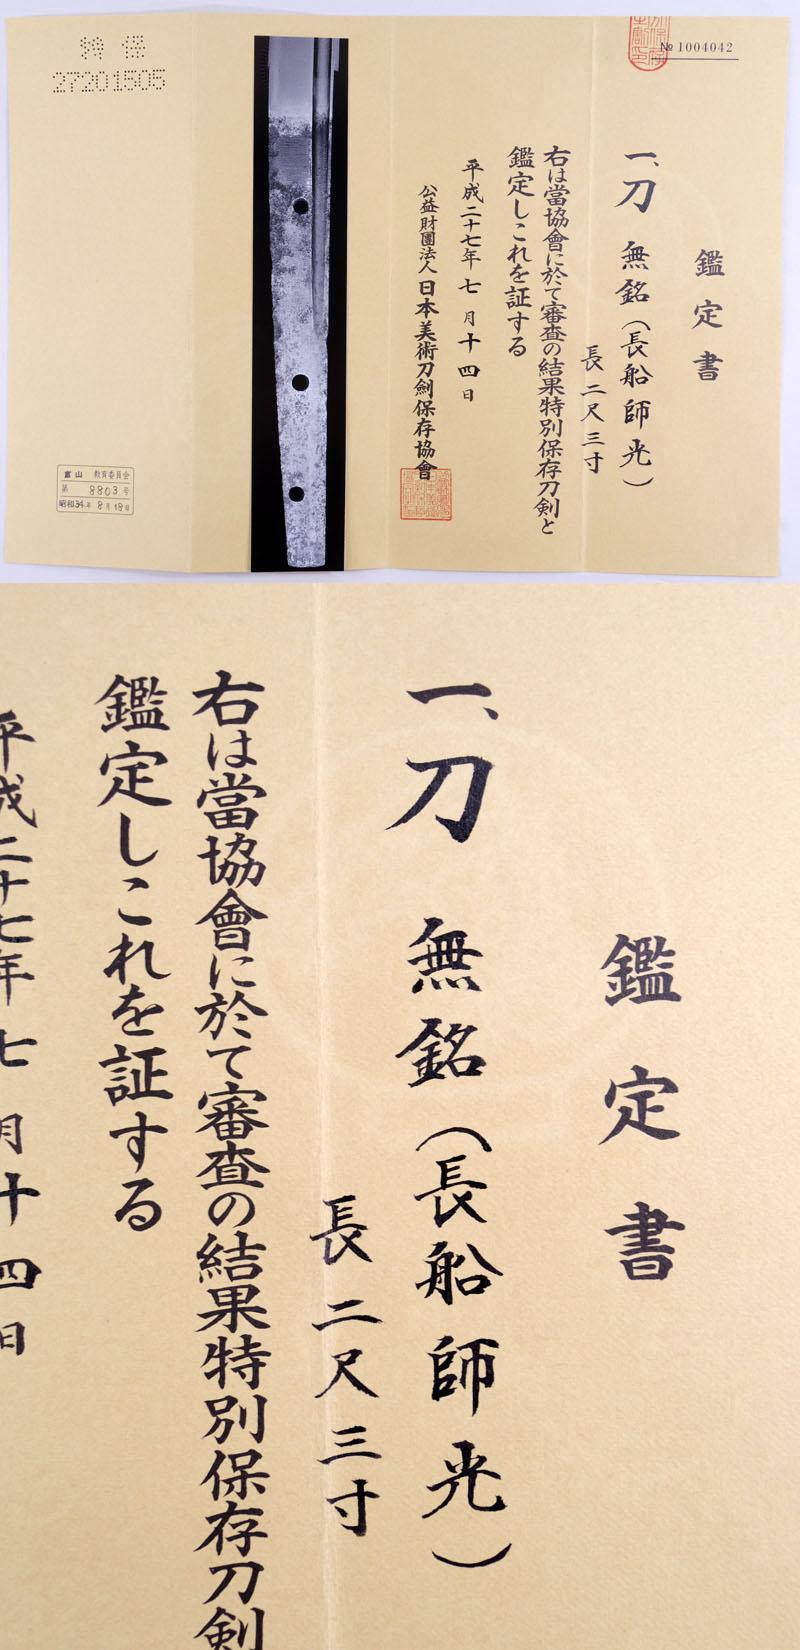 無銘(長船師光) Picture of Certificate